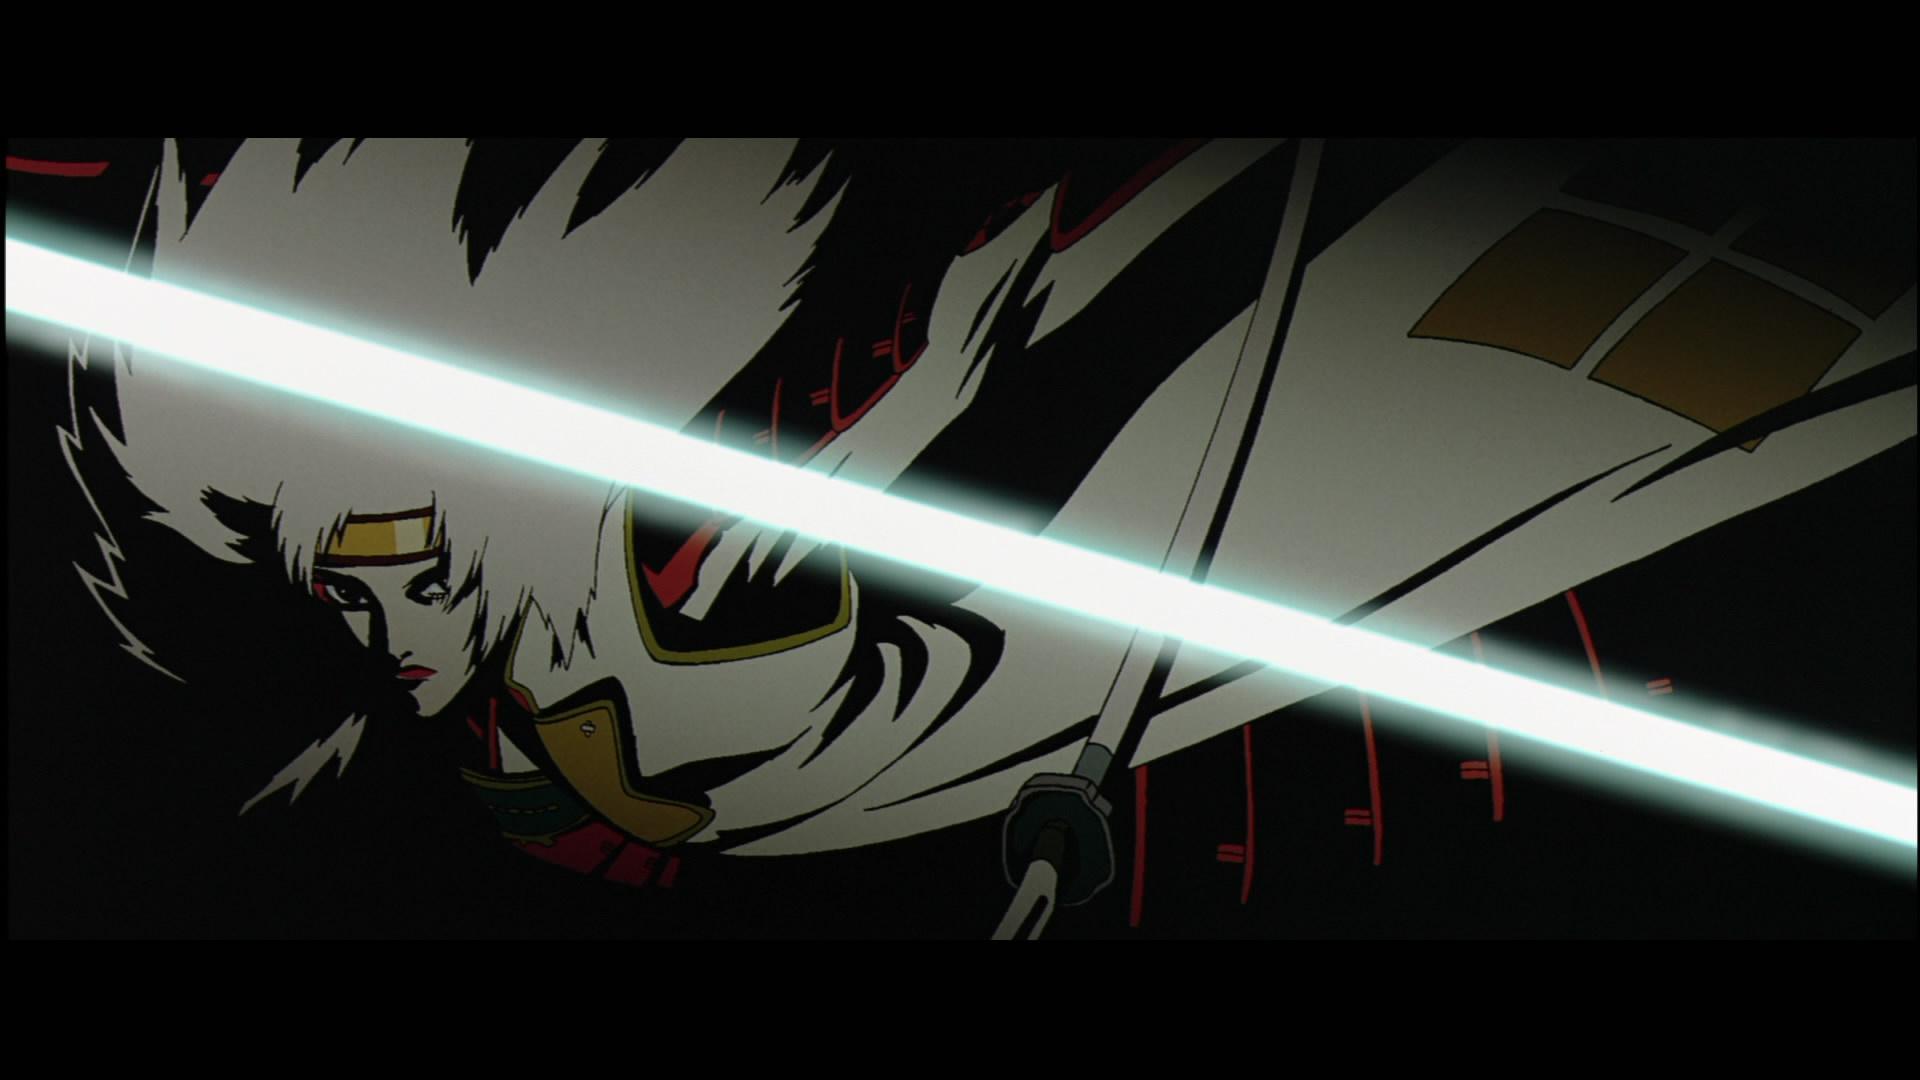 2003年 黑客帝国动画版 The Animatrix [又名骇客帝国动画版]的图片